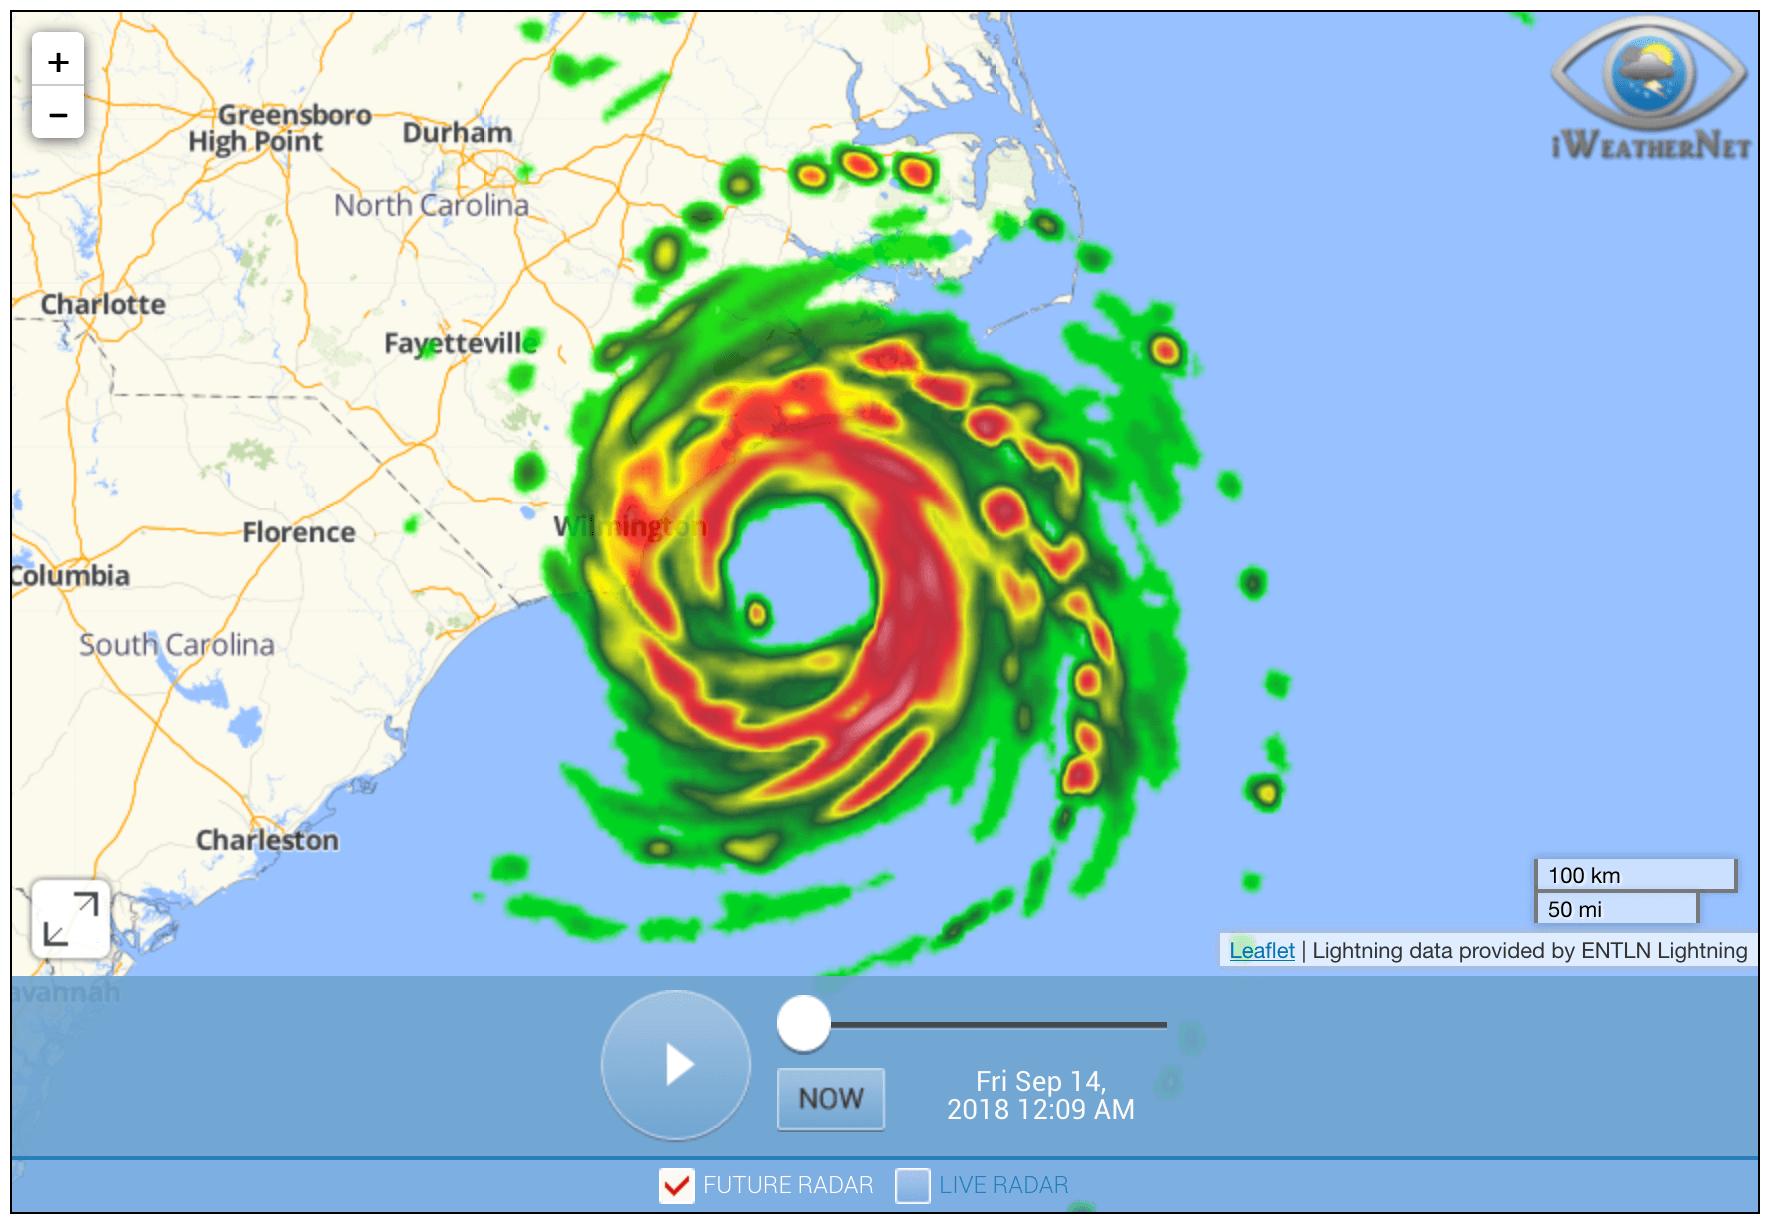 Interactive Future Radar Forecast Next 12 To 72 Hours - Texas Radar Map